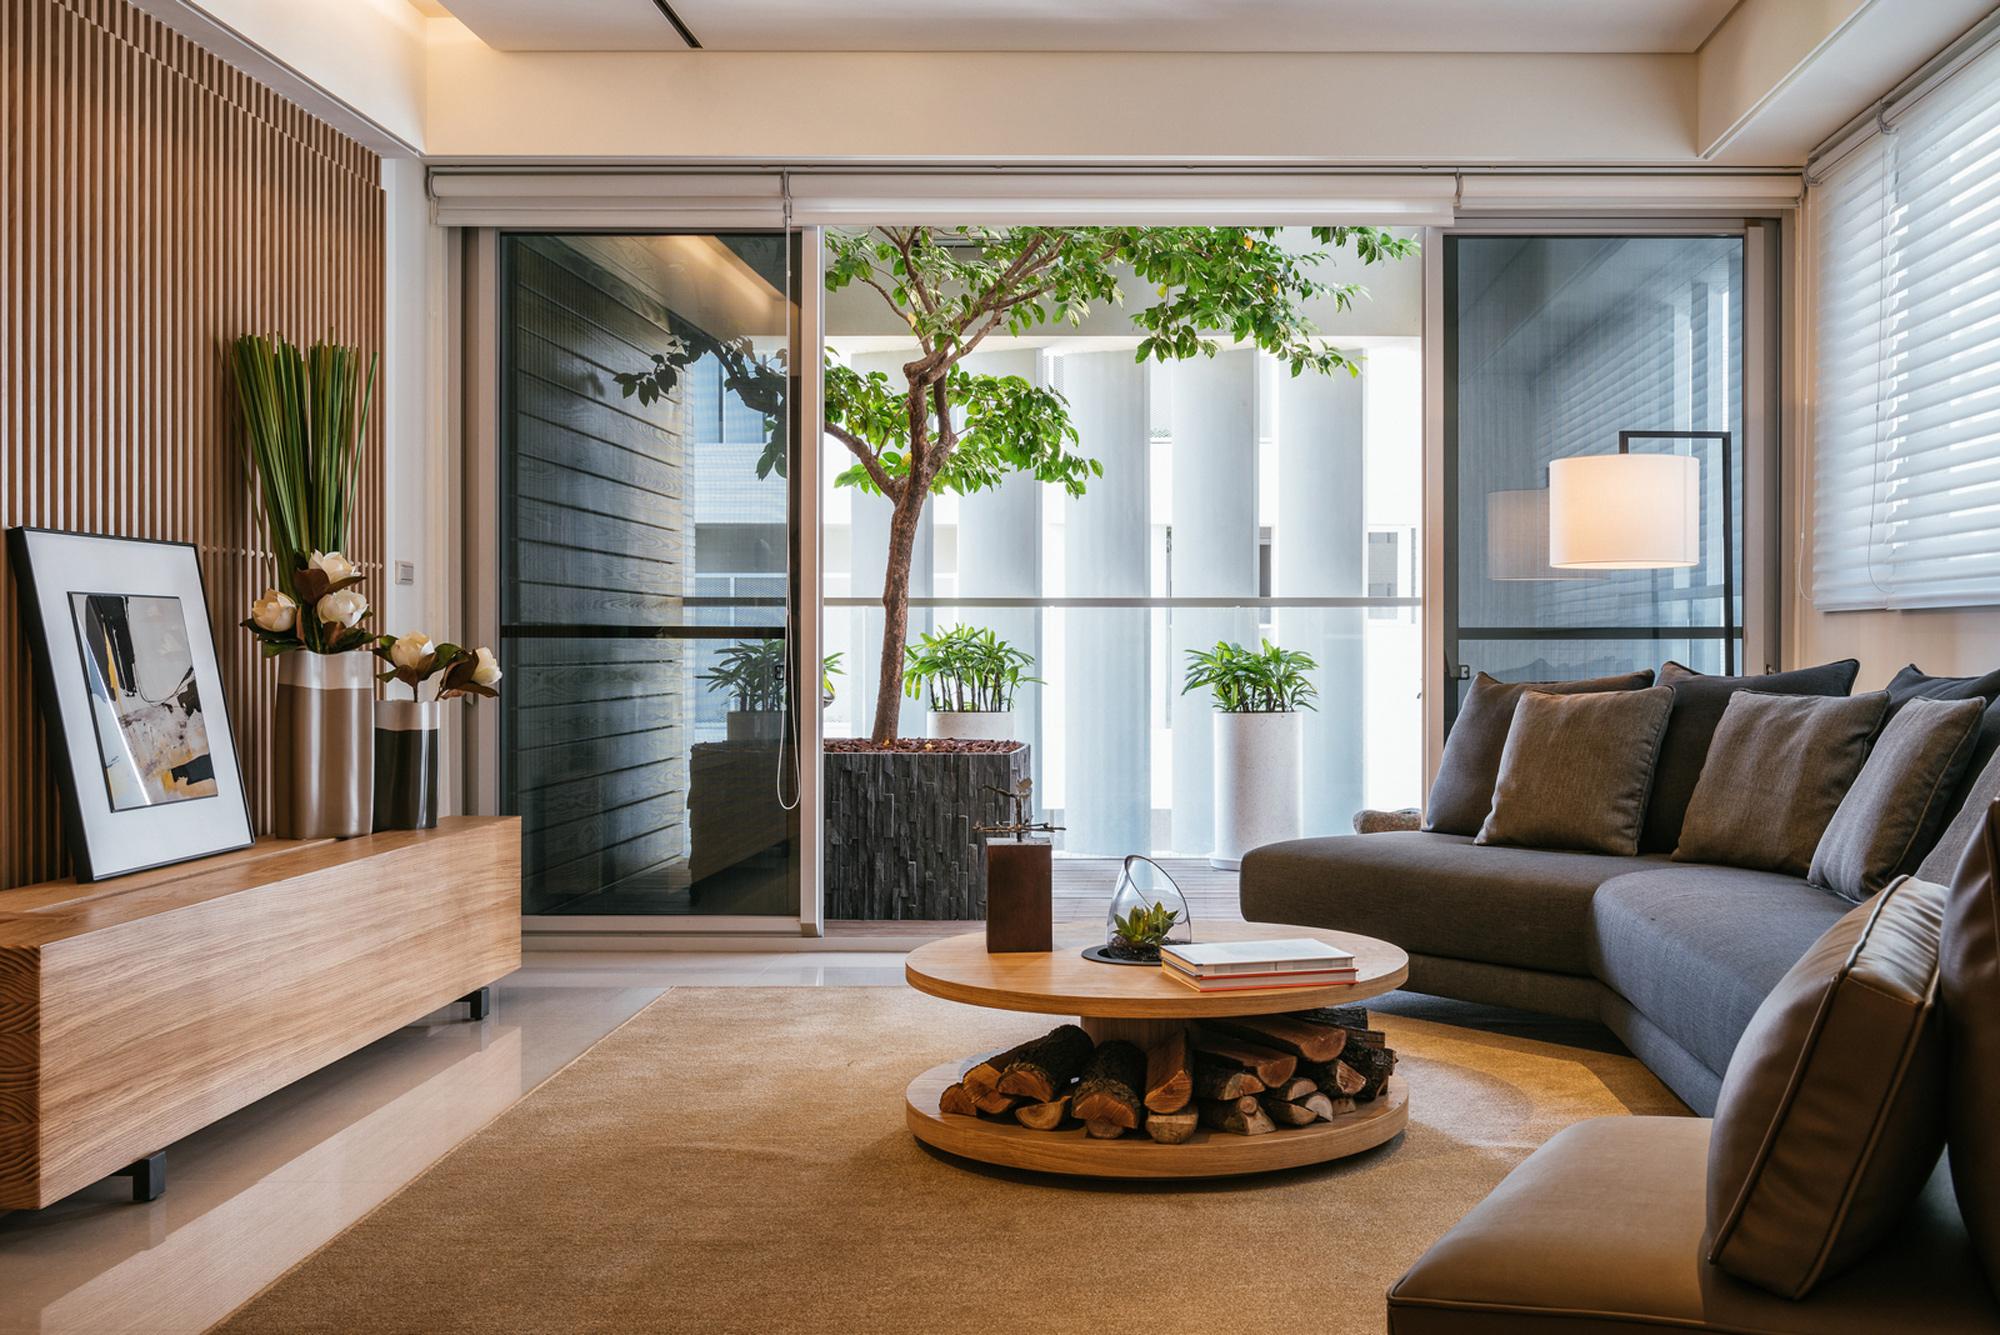 竹北原見築室內庭院中植樹